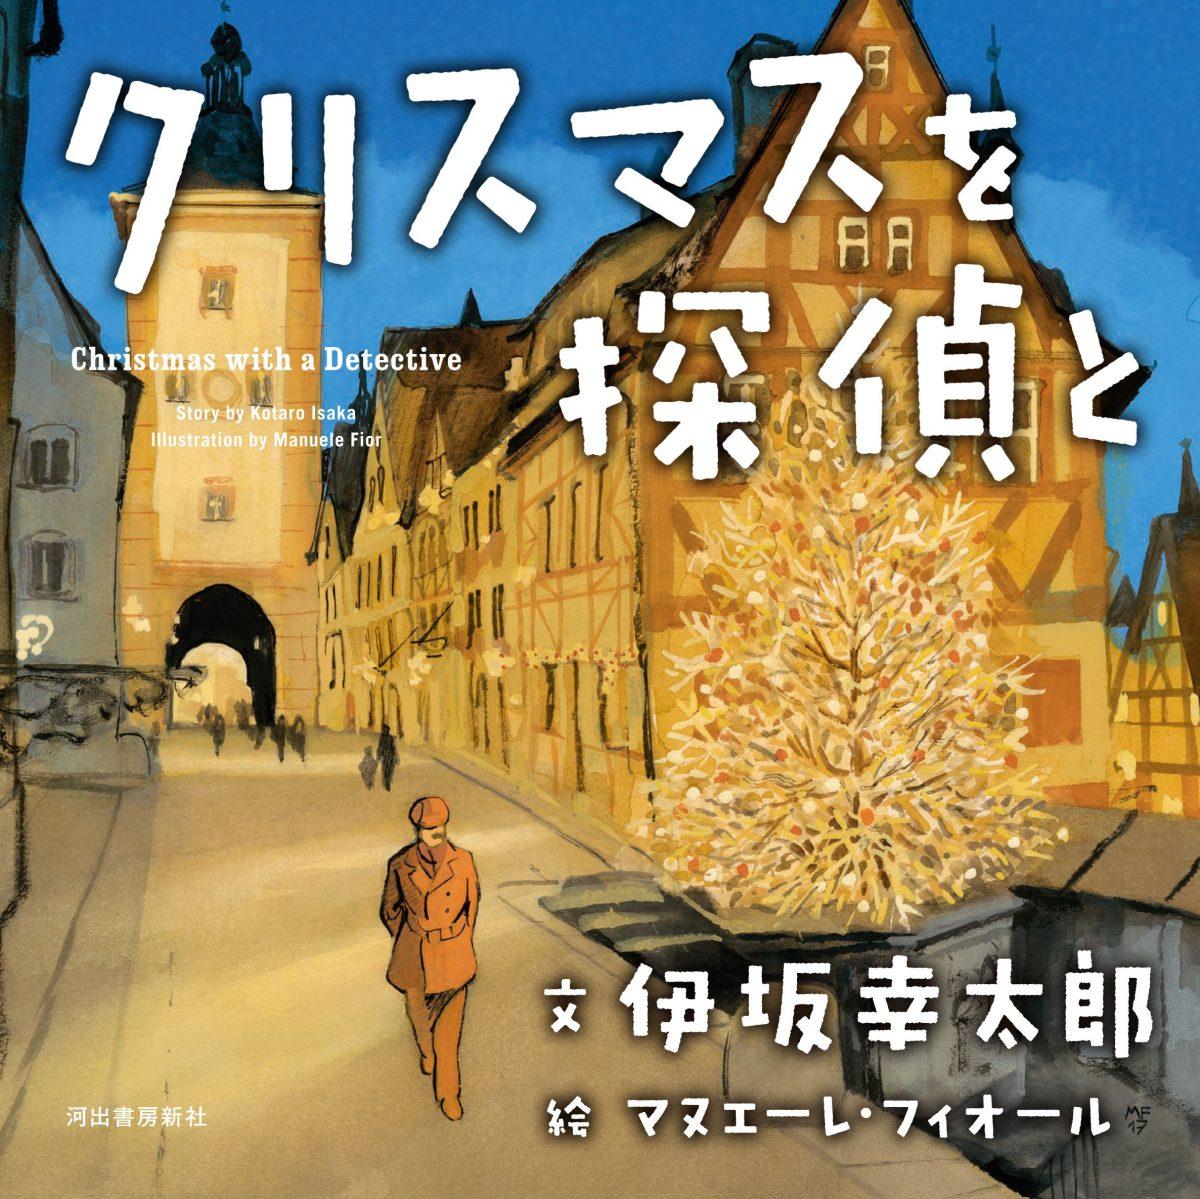 絵本「クリスマスを探偵と」の表紙